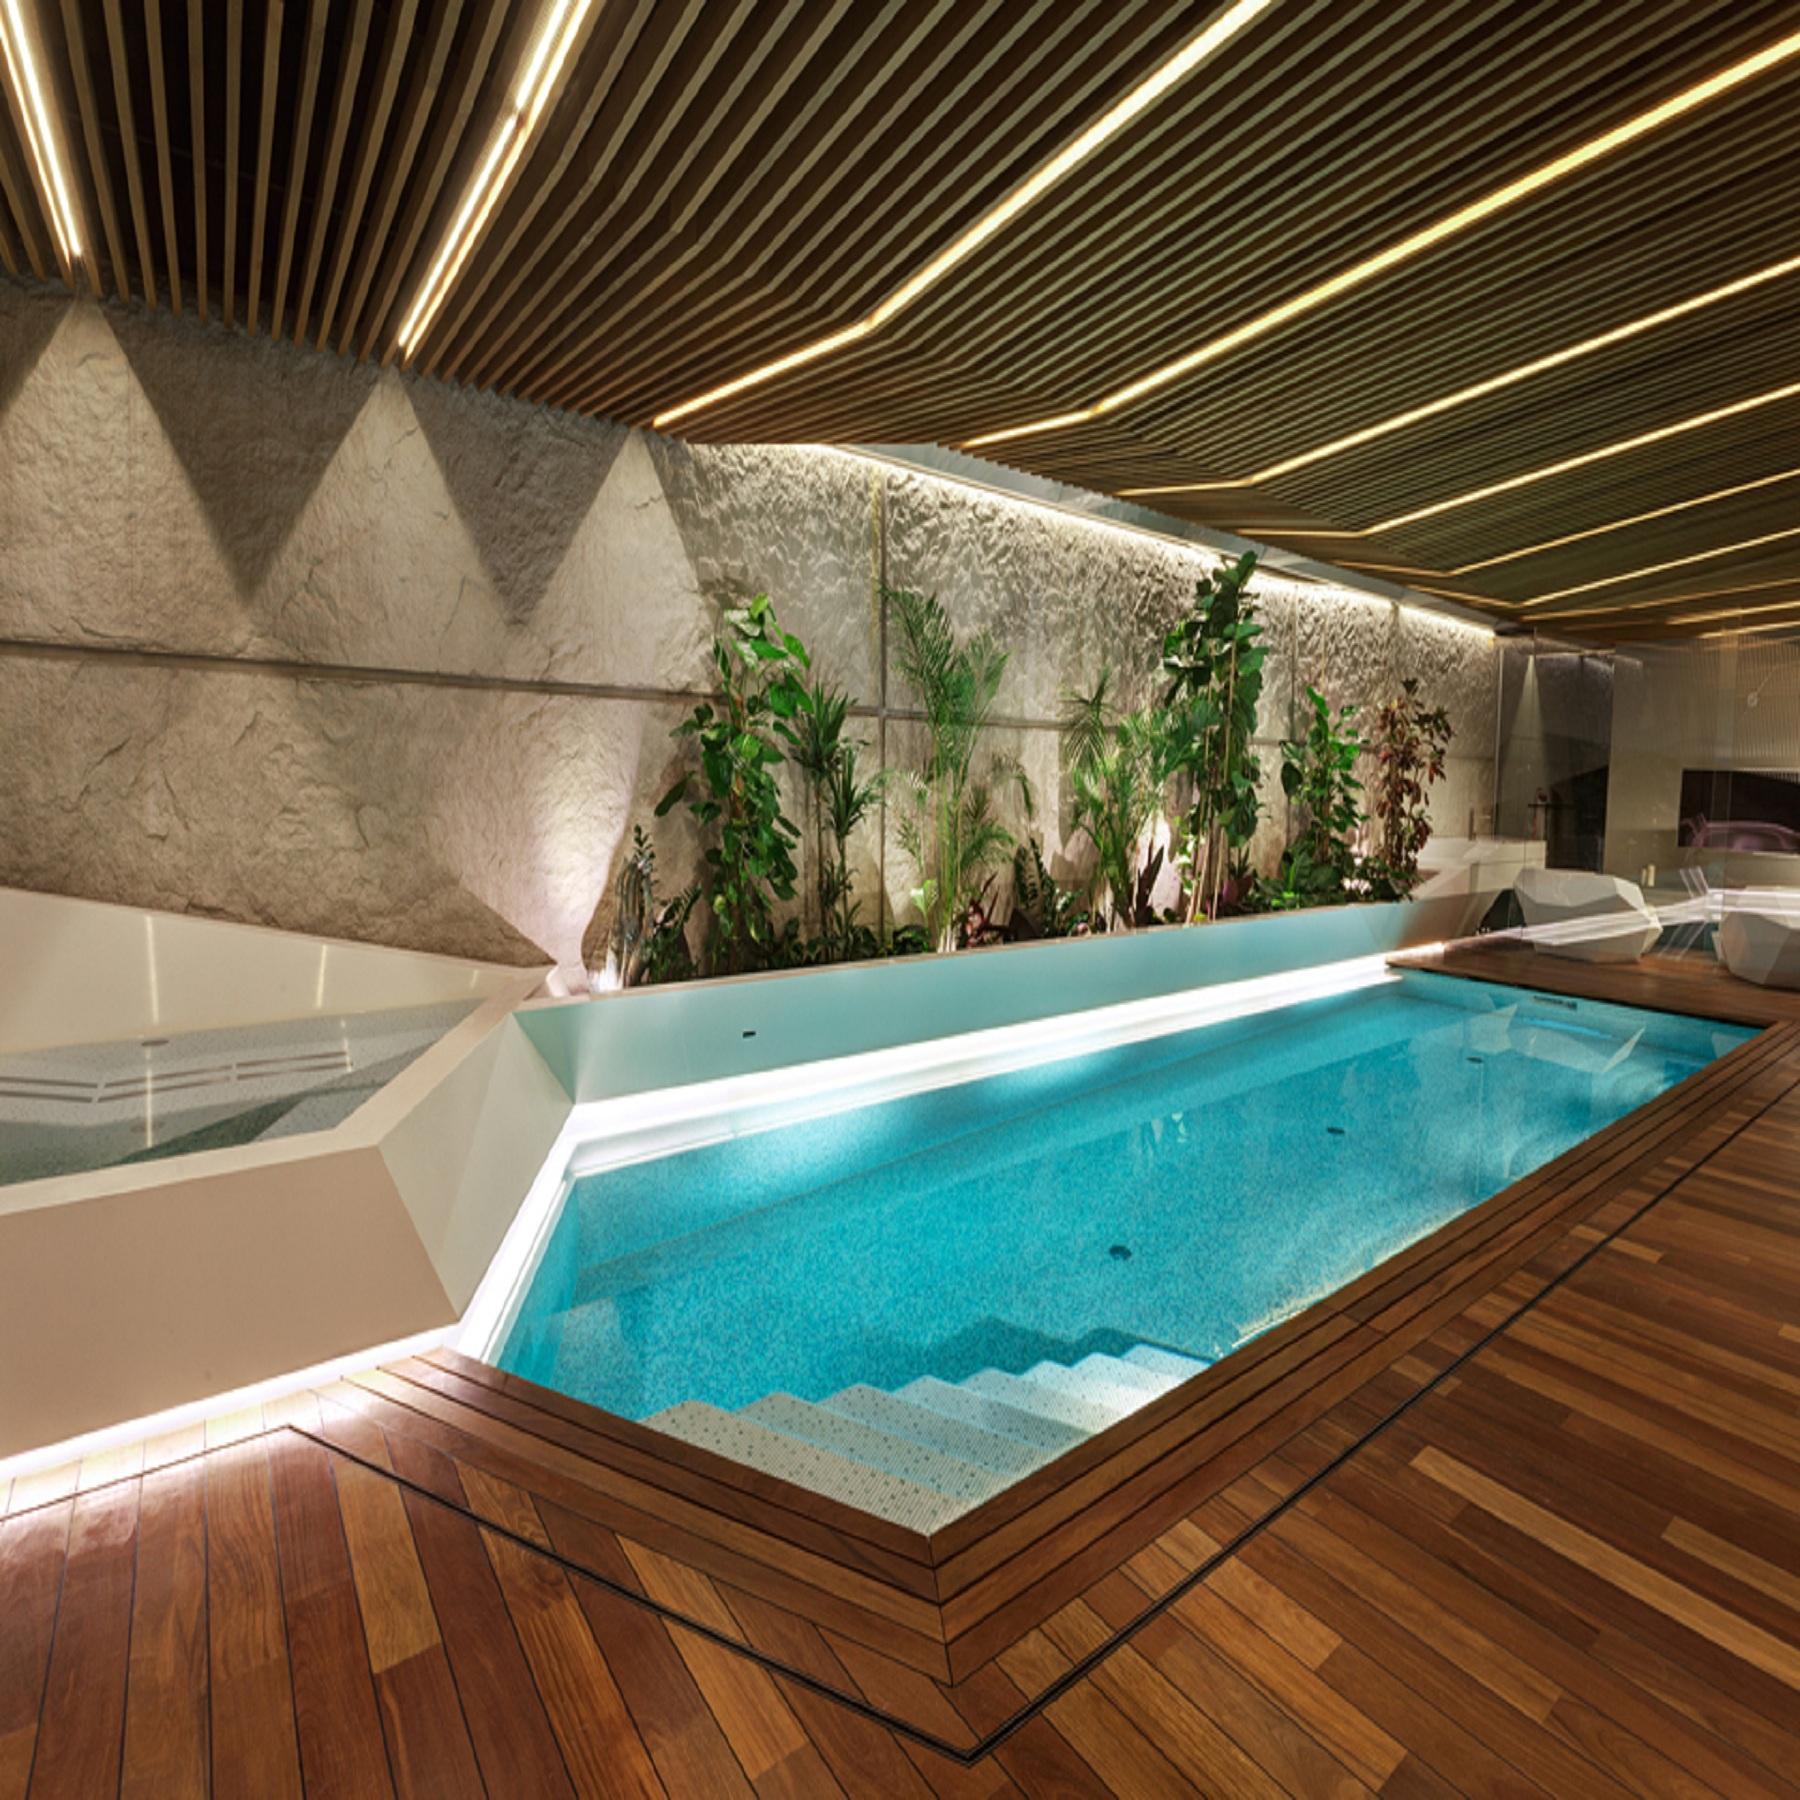 Sẽ đặc biệt hơn nếu thiết kế hồ bơi trong nhà